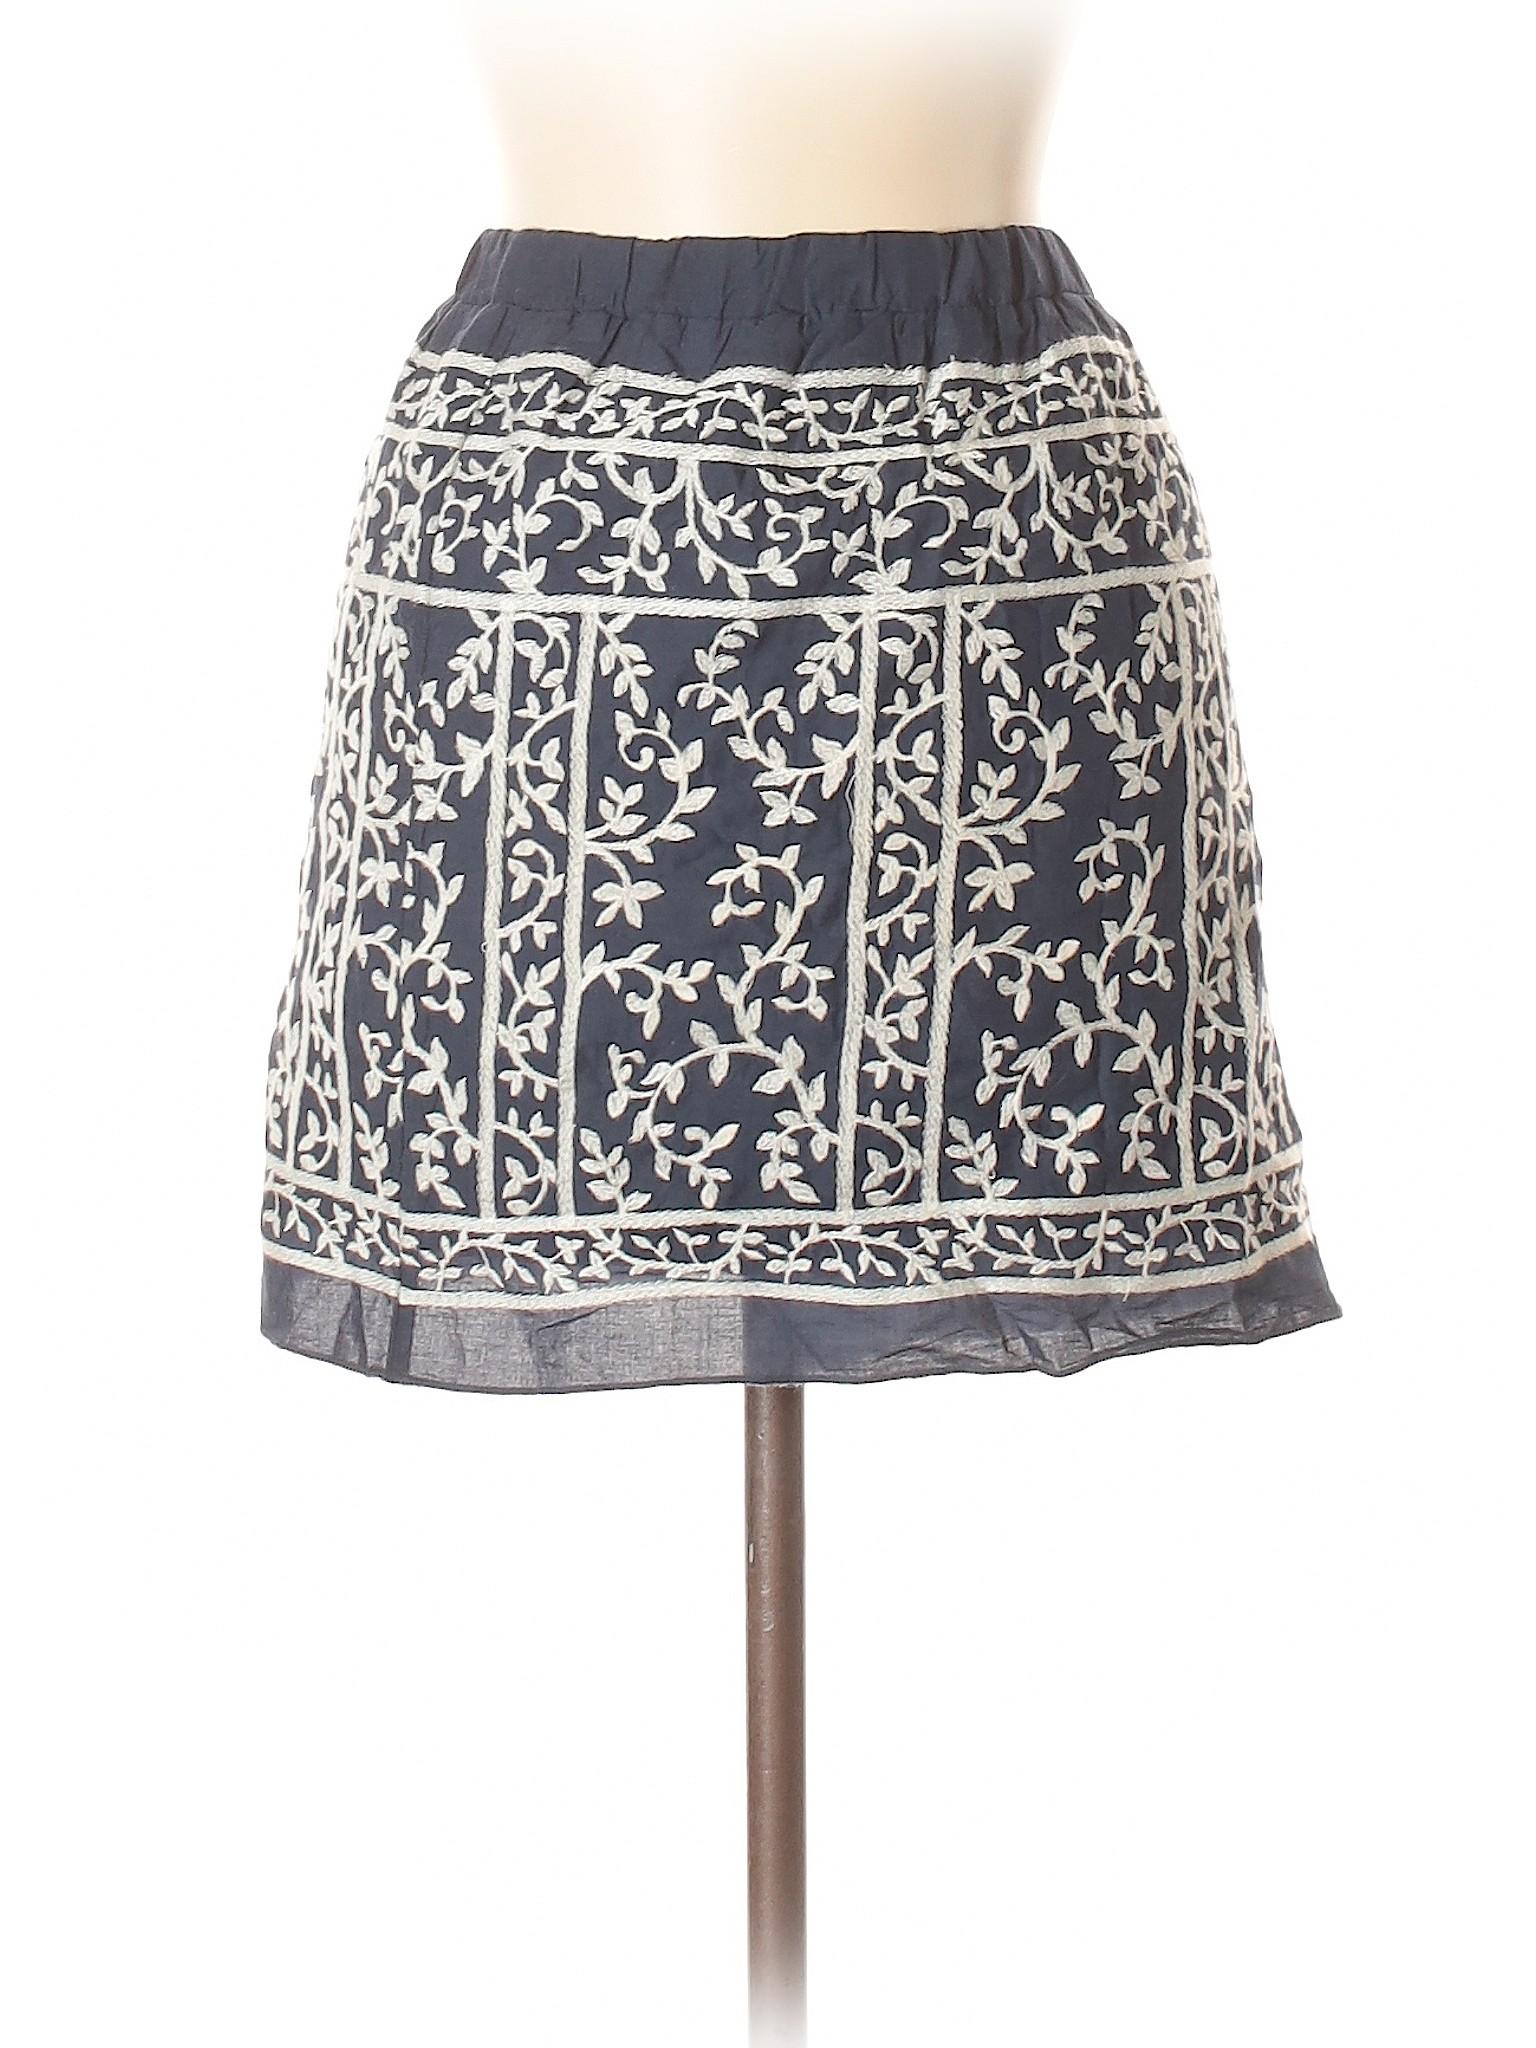 Boutique Casual Skirt Boutique Boutique Skirt Casual Boutique Casual Skirt qStxdwdgF